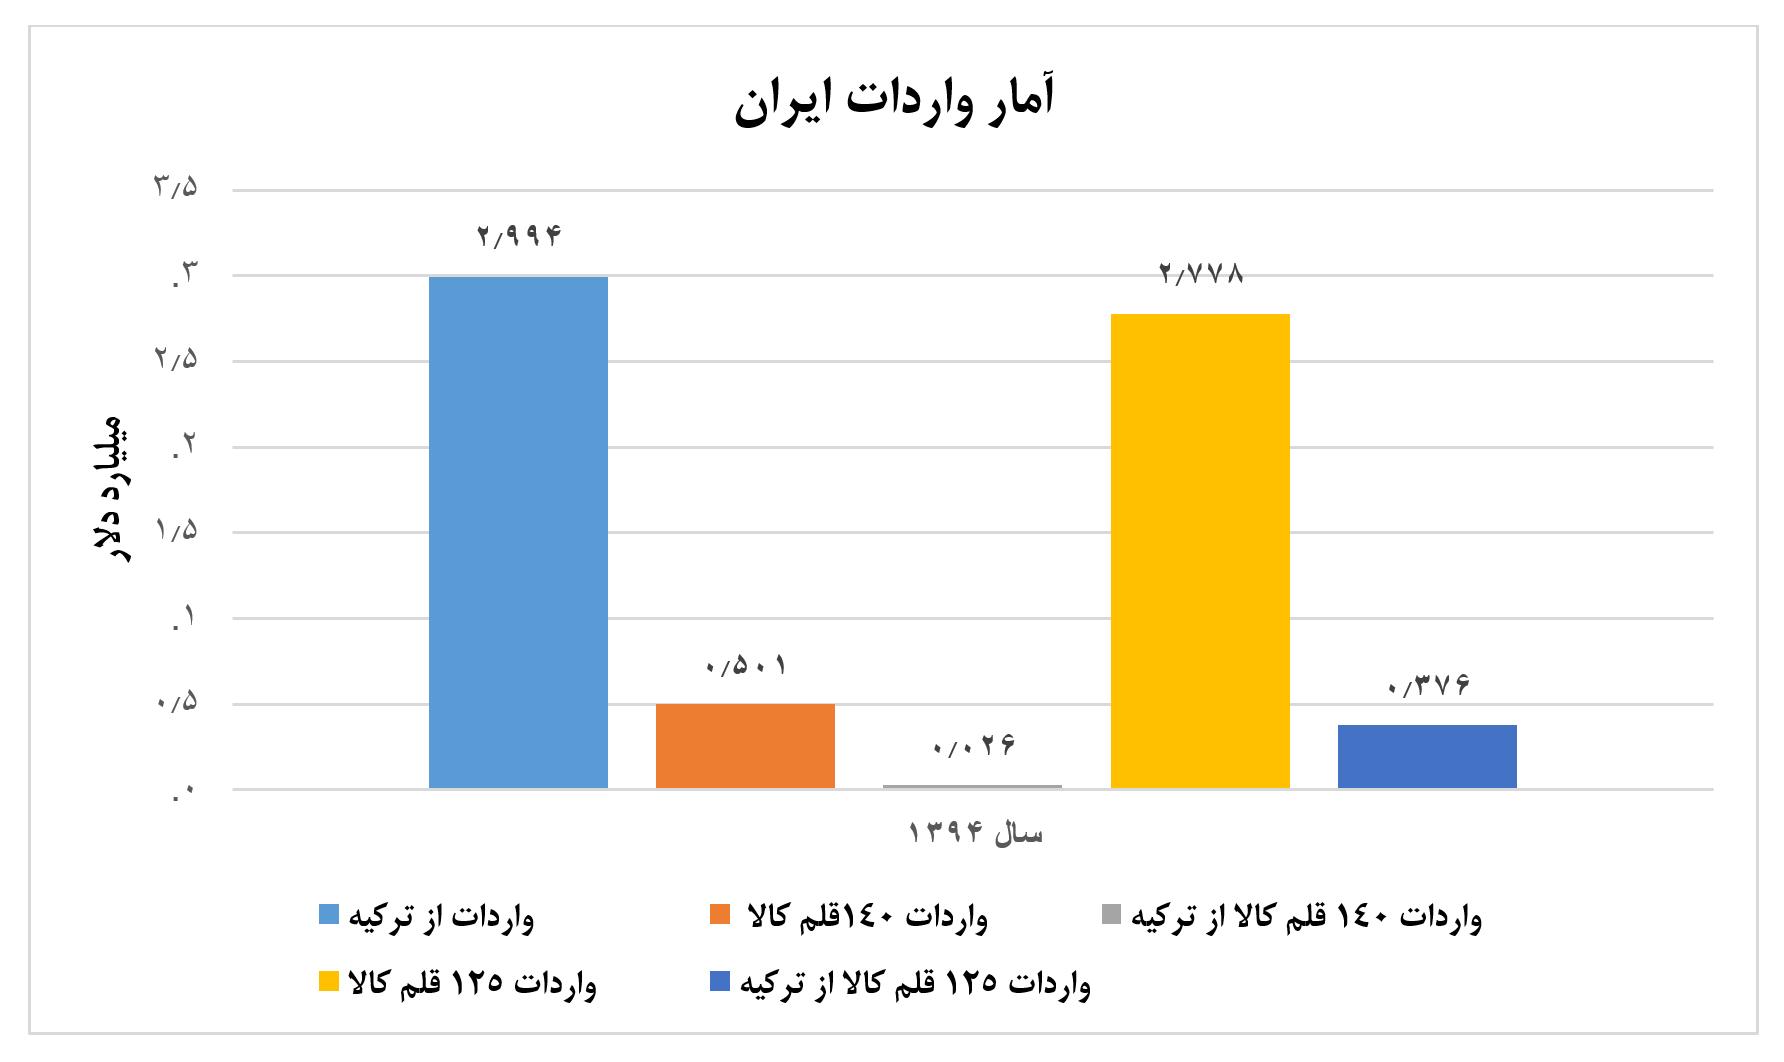 نمودار سوم تجارت دوجانبه ایران و ترکیه - توافق تجاری دوجانبه میان ایران و ترکیه 3.5 میلیارد دلار ظرفیت دارد